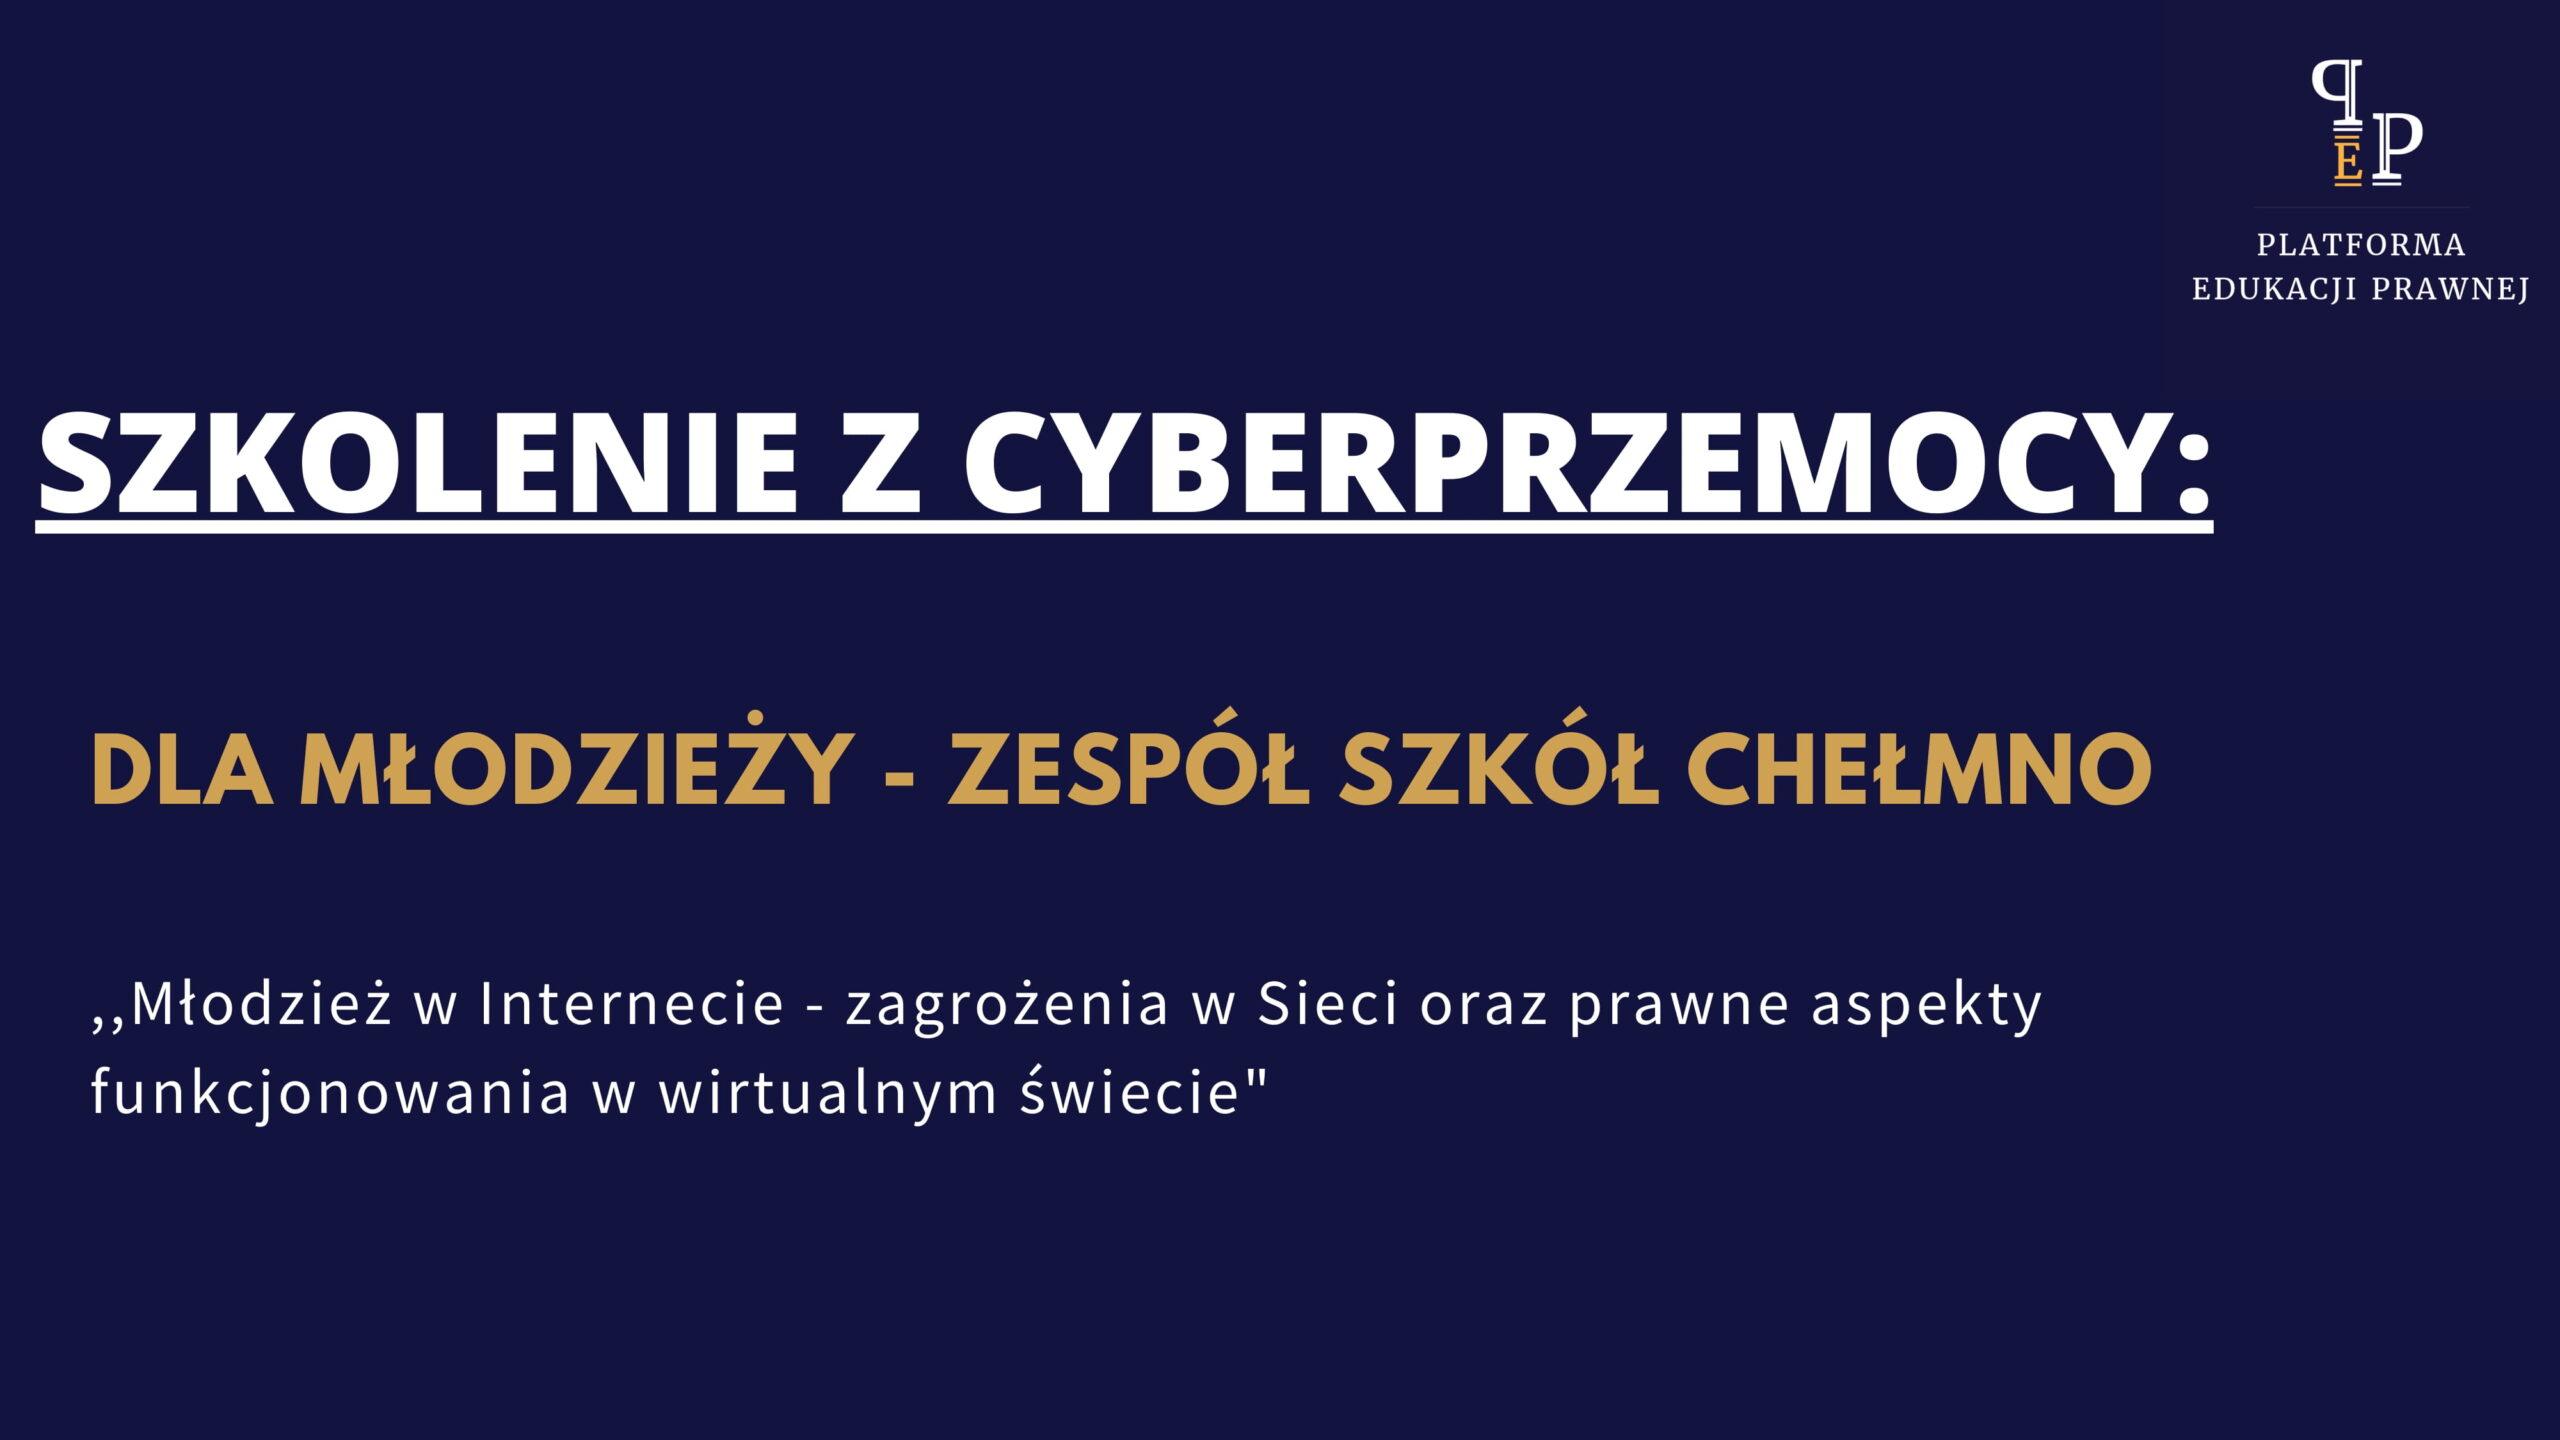 młodzież_w_internecie_zagrożenia_w_sieci_oraz_prawne_aspekty_funkcjonowania_w_wirtualnym_świecie